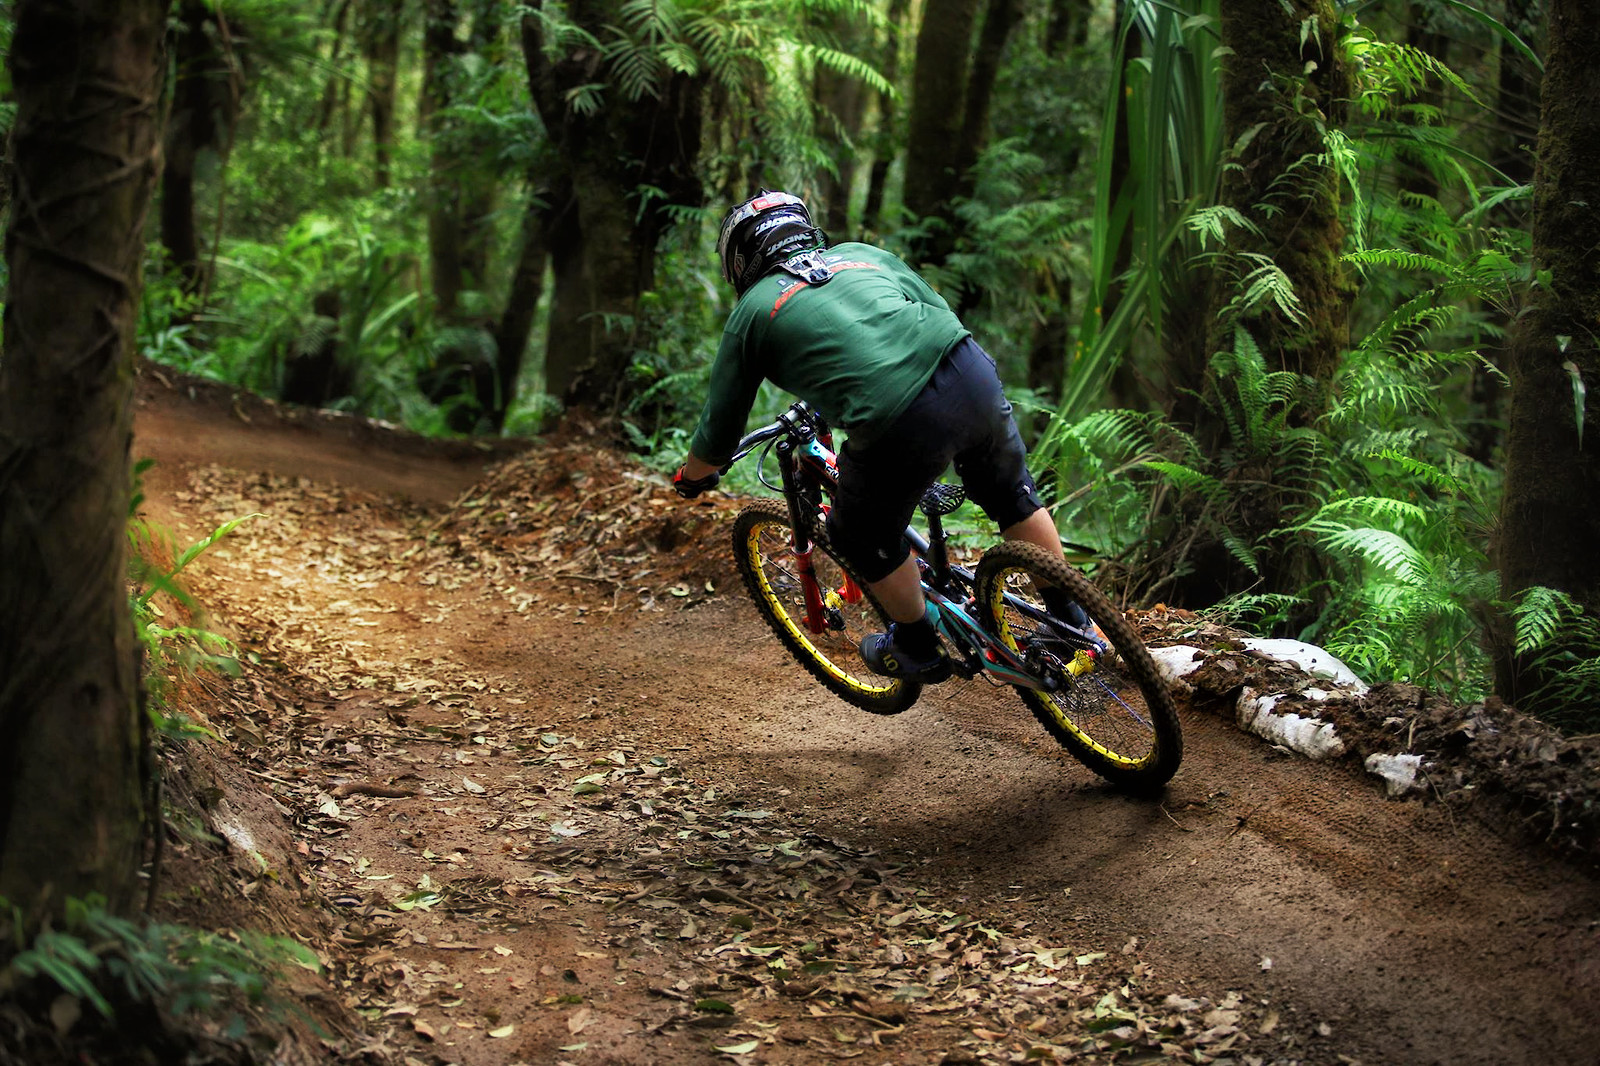 bahenolicious-01 - bismojo - Mountain Biking Pictures - Vital MTB